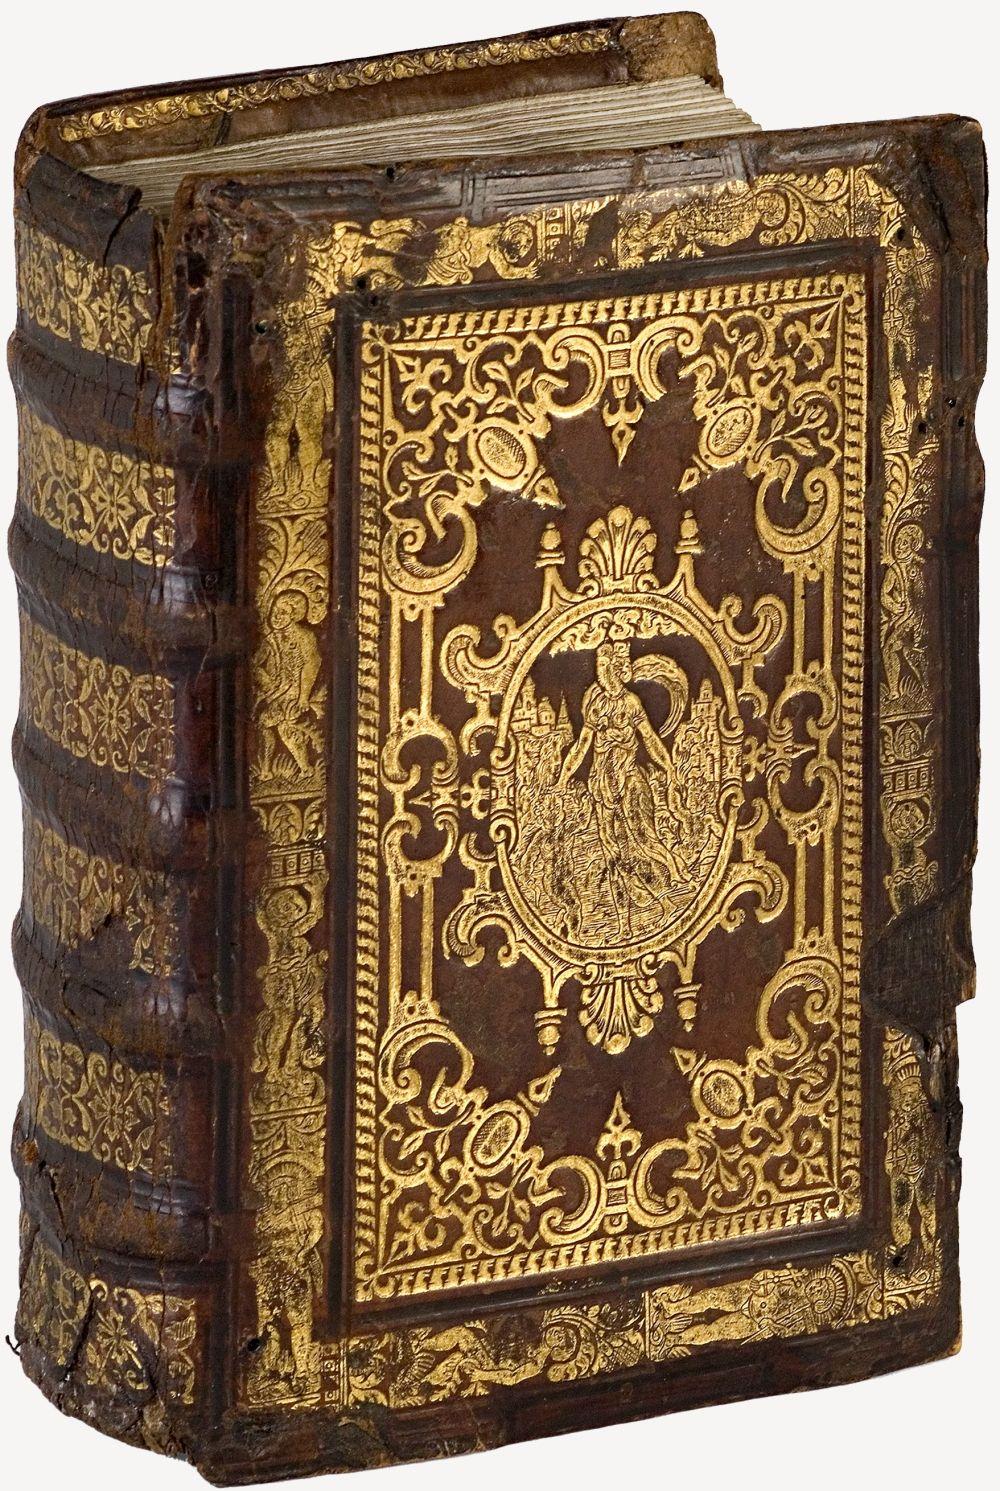 Pin Di Rosa Corvey Su Illuminated Manuscripts Libri Antichi Copertine Di Libri Copertina Libro